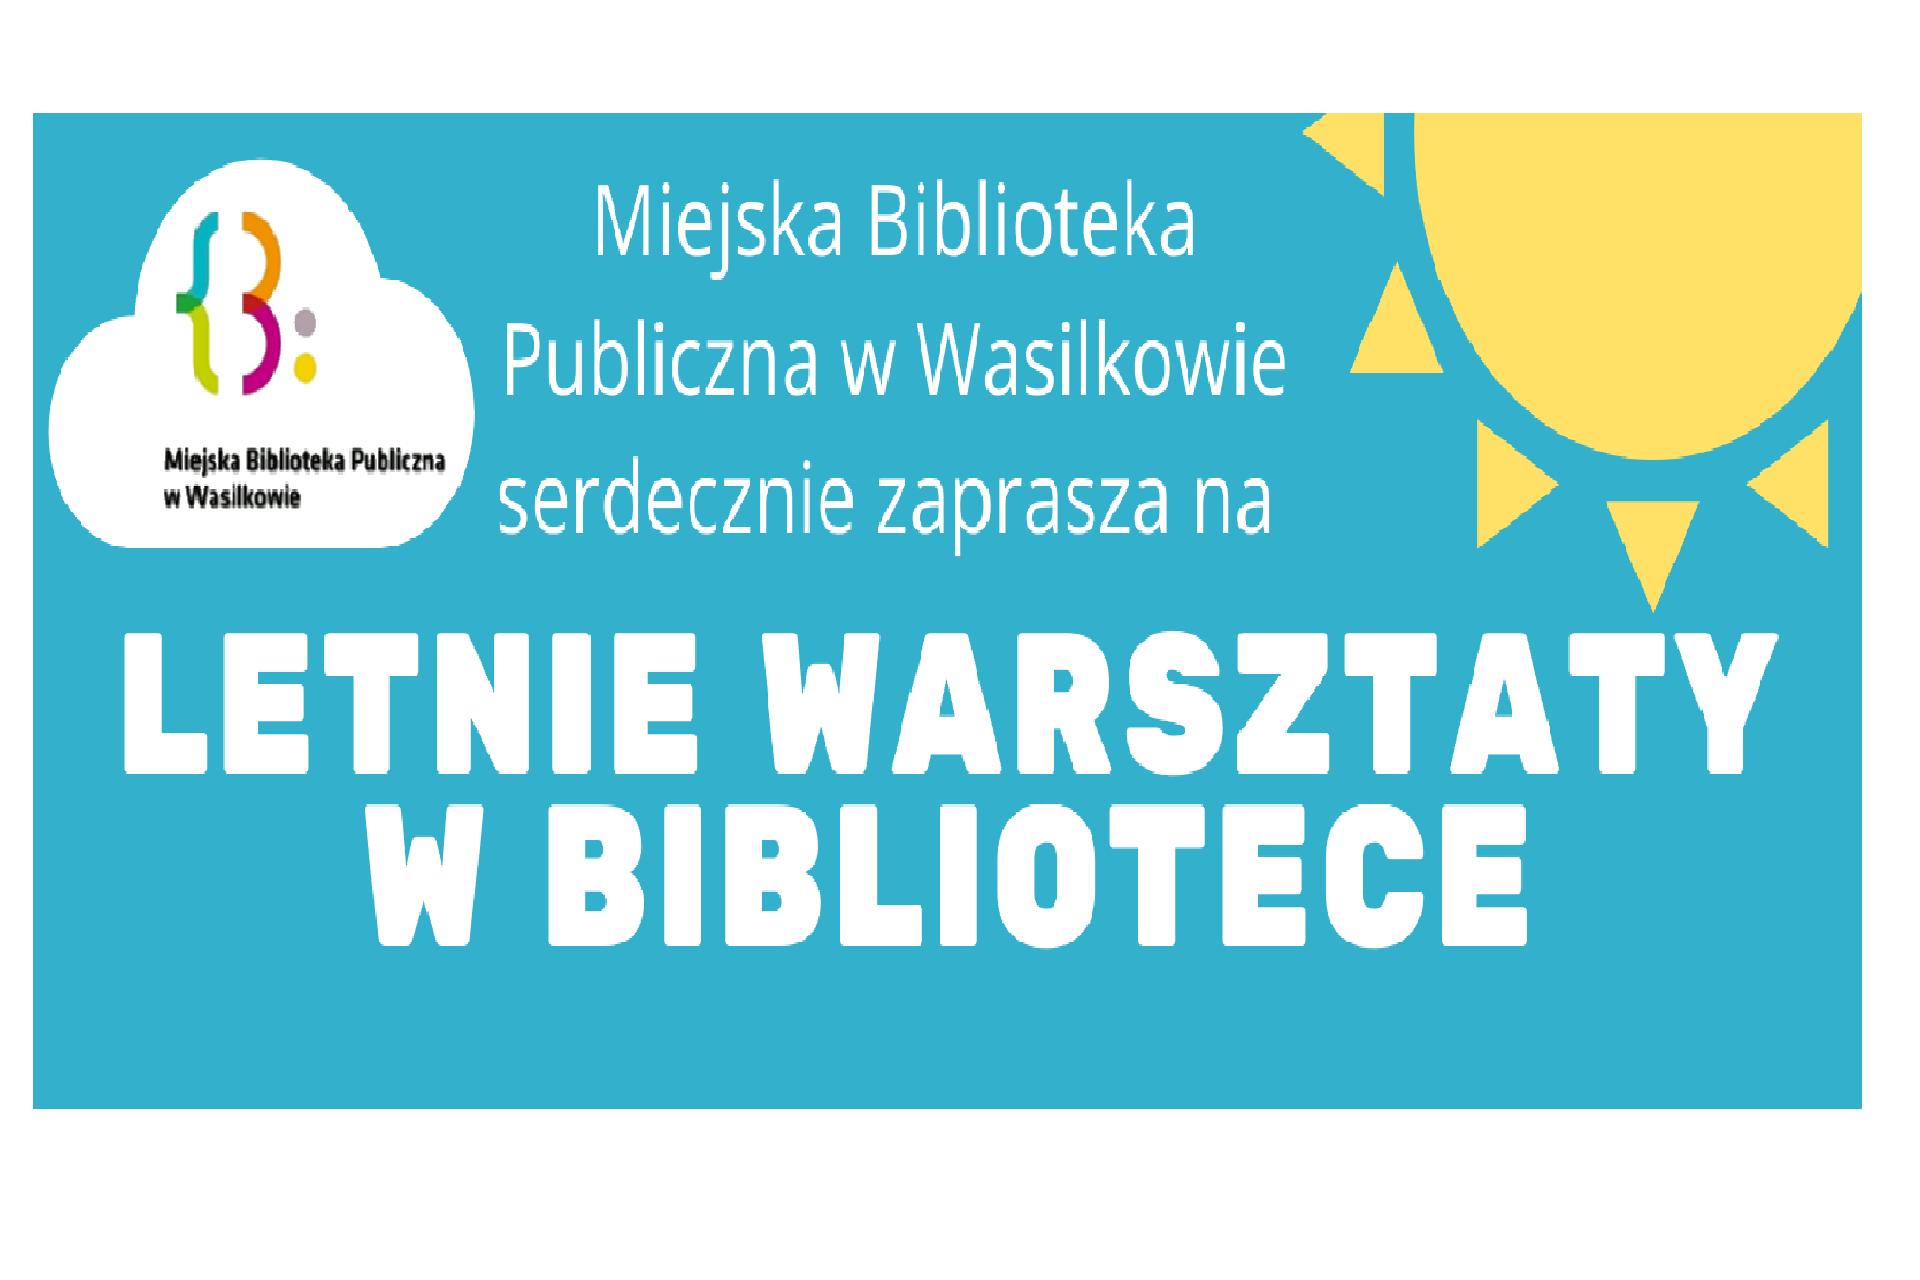 Miejska Biblioteka Publiczna w Wasilkowie zaprasza na letnie warsztaty w bibliotece. Po prawej stronie słońce, po lewej chmurka, wniej logo biblioteki.